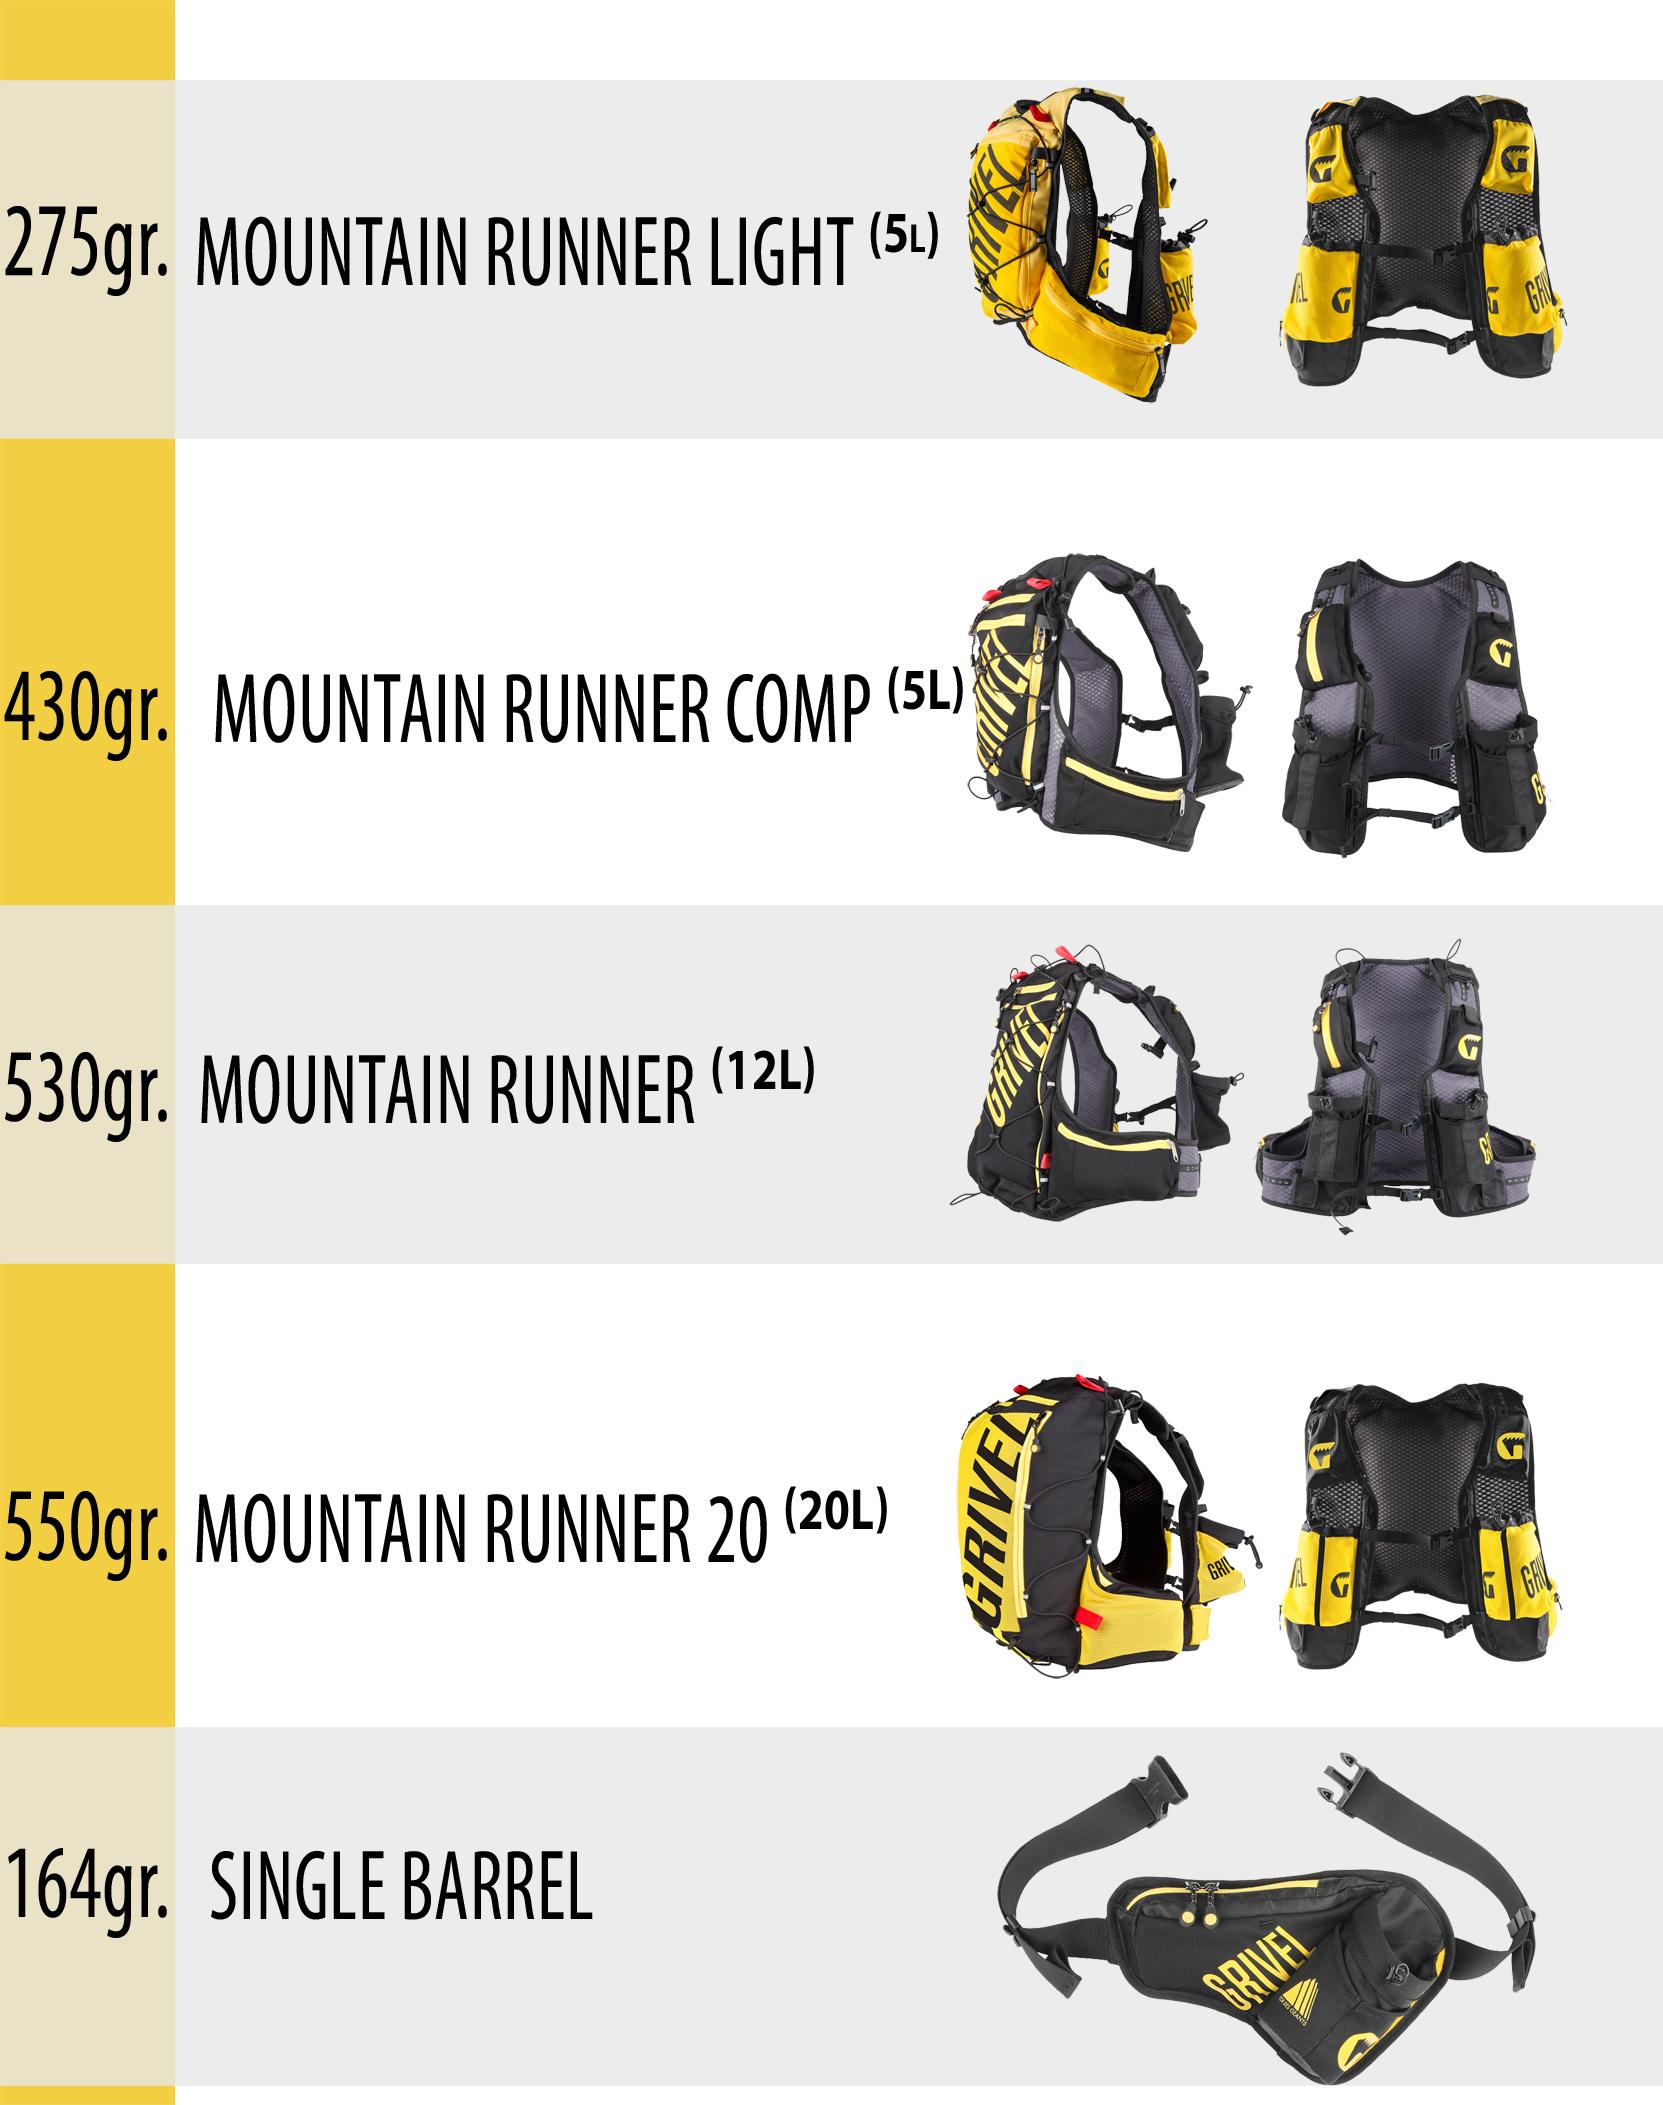 Grivel ponuka batohov určených pre horský beh